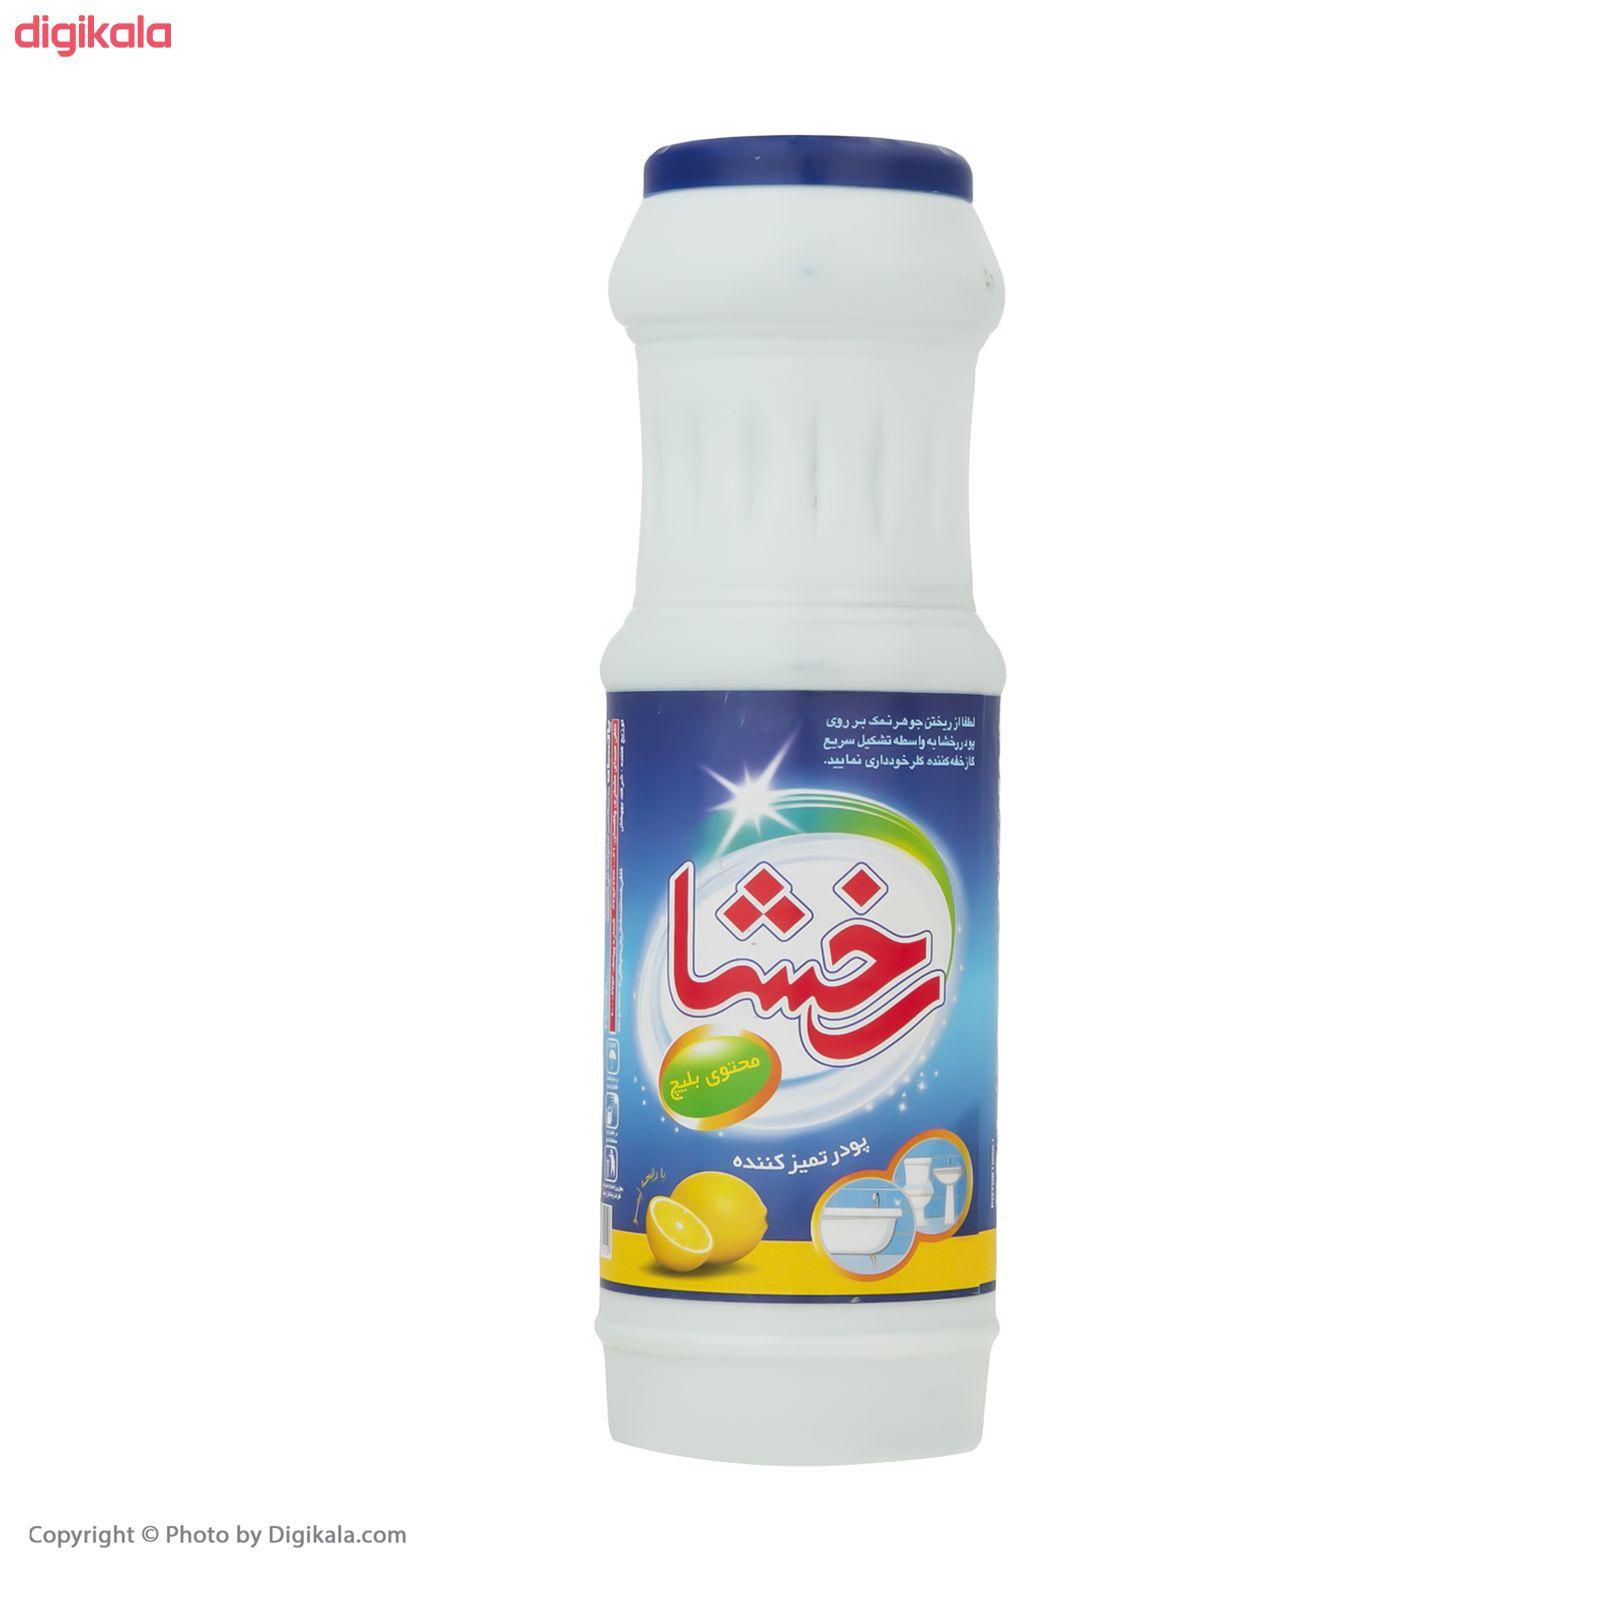 پودر تمیزکننده سطوح رخشا مدل Lemon مقدار 500 گرم main 1 3